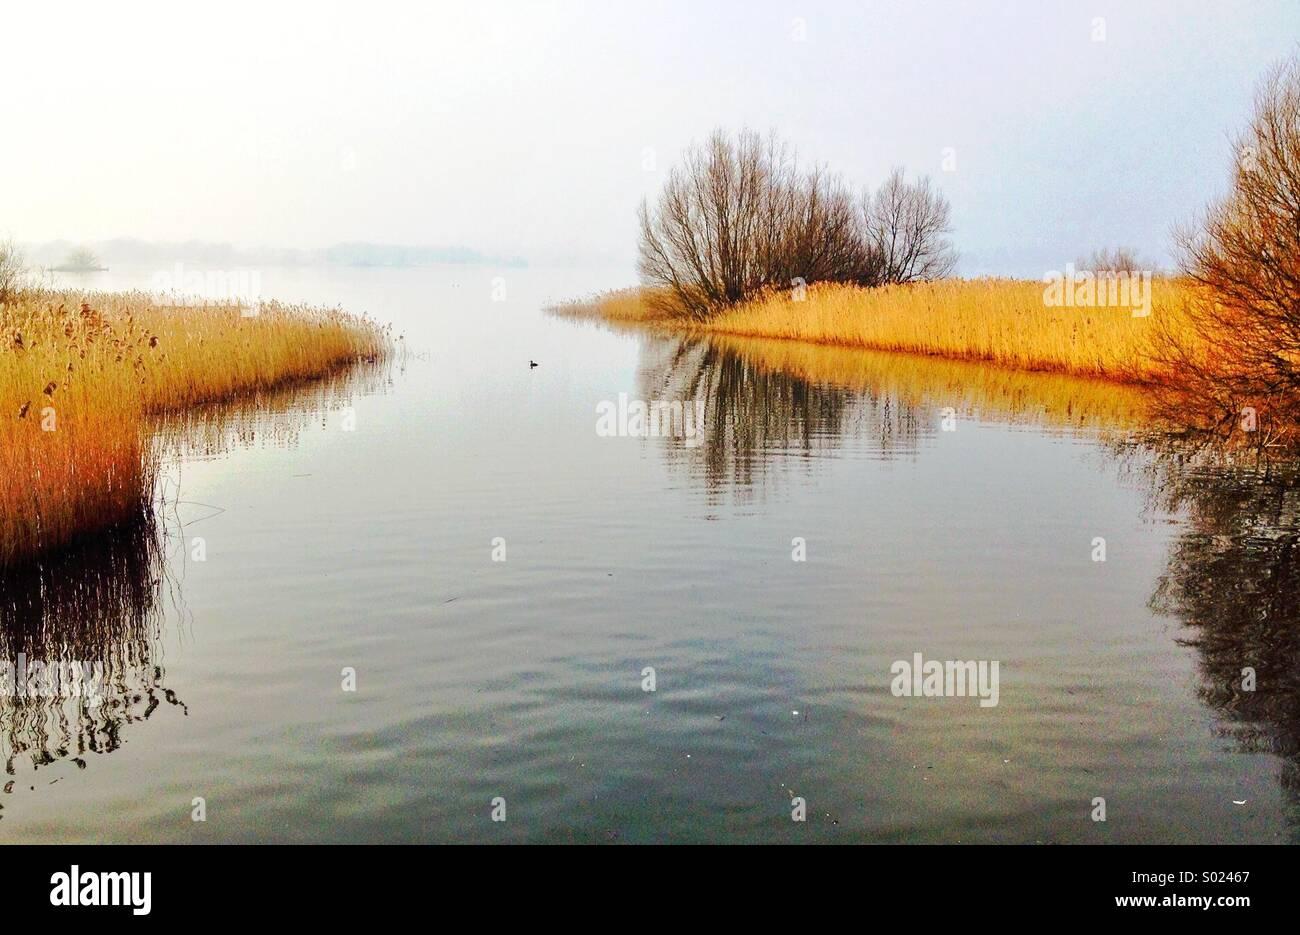 Una pintoresca escena tranquila en el extremo sur del lago Chew Valley, mostrando reflexiones en aguas tranquilas Imagen De Stock